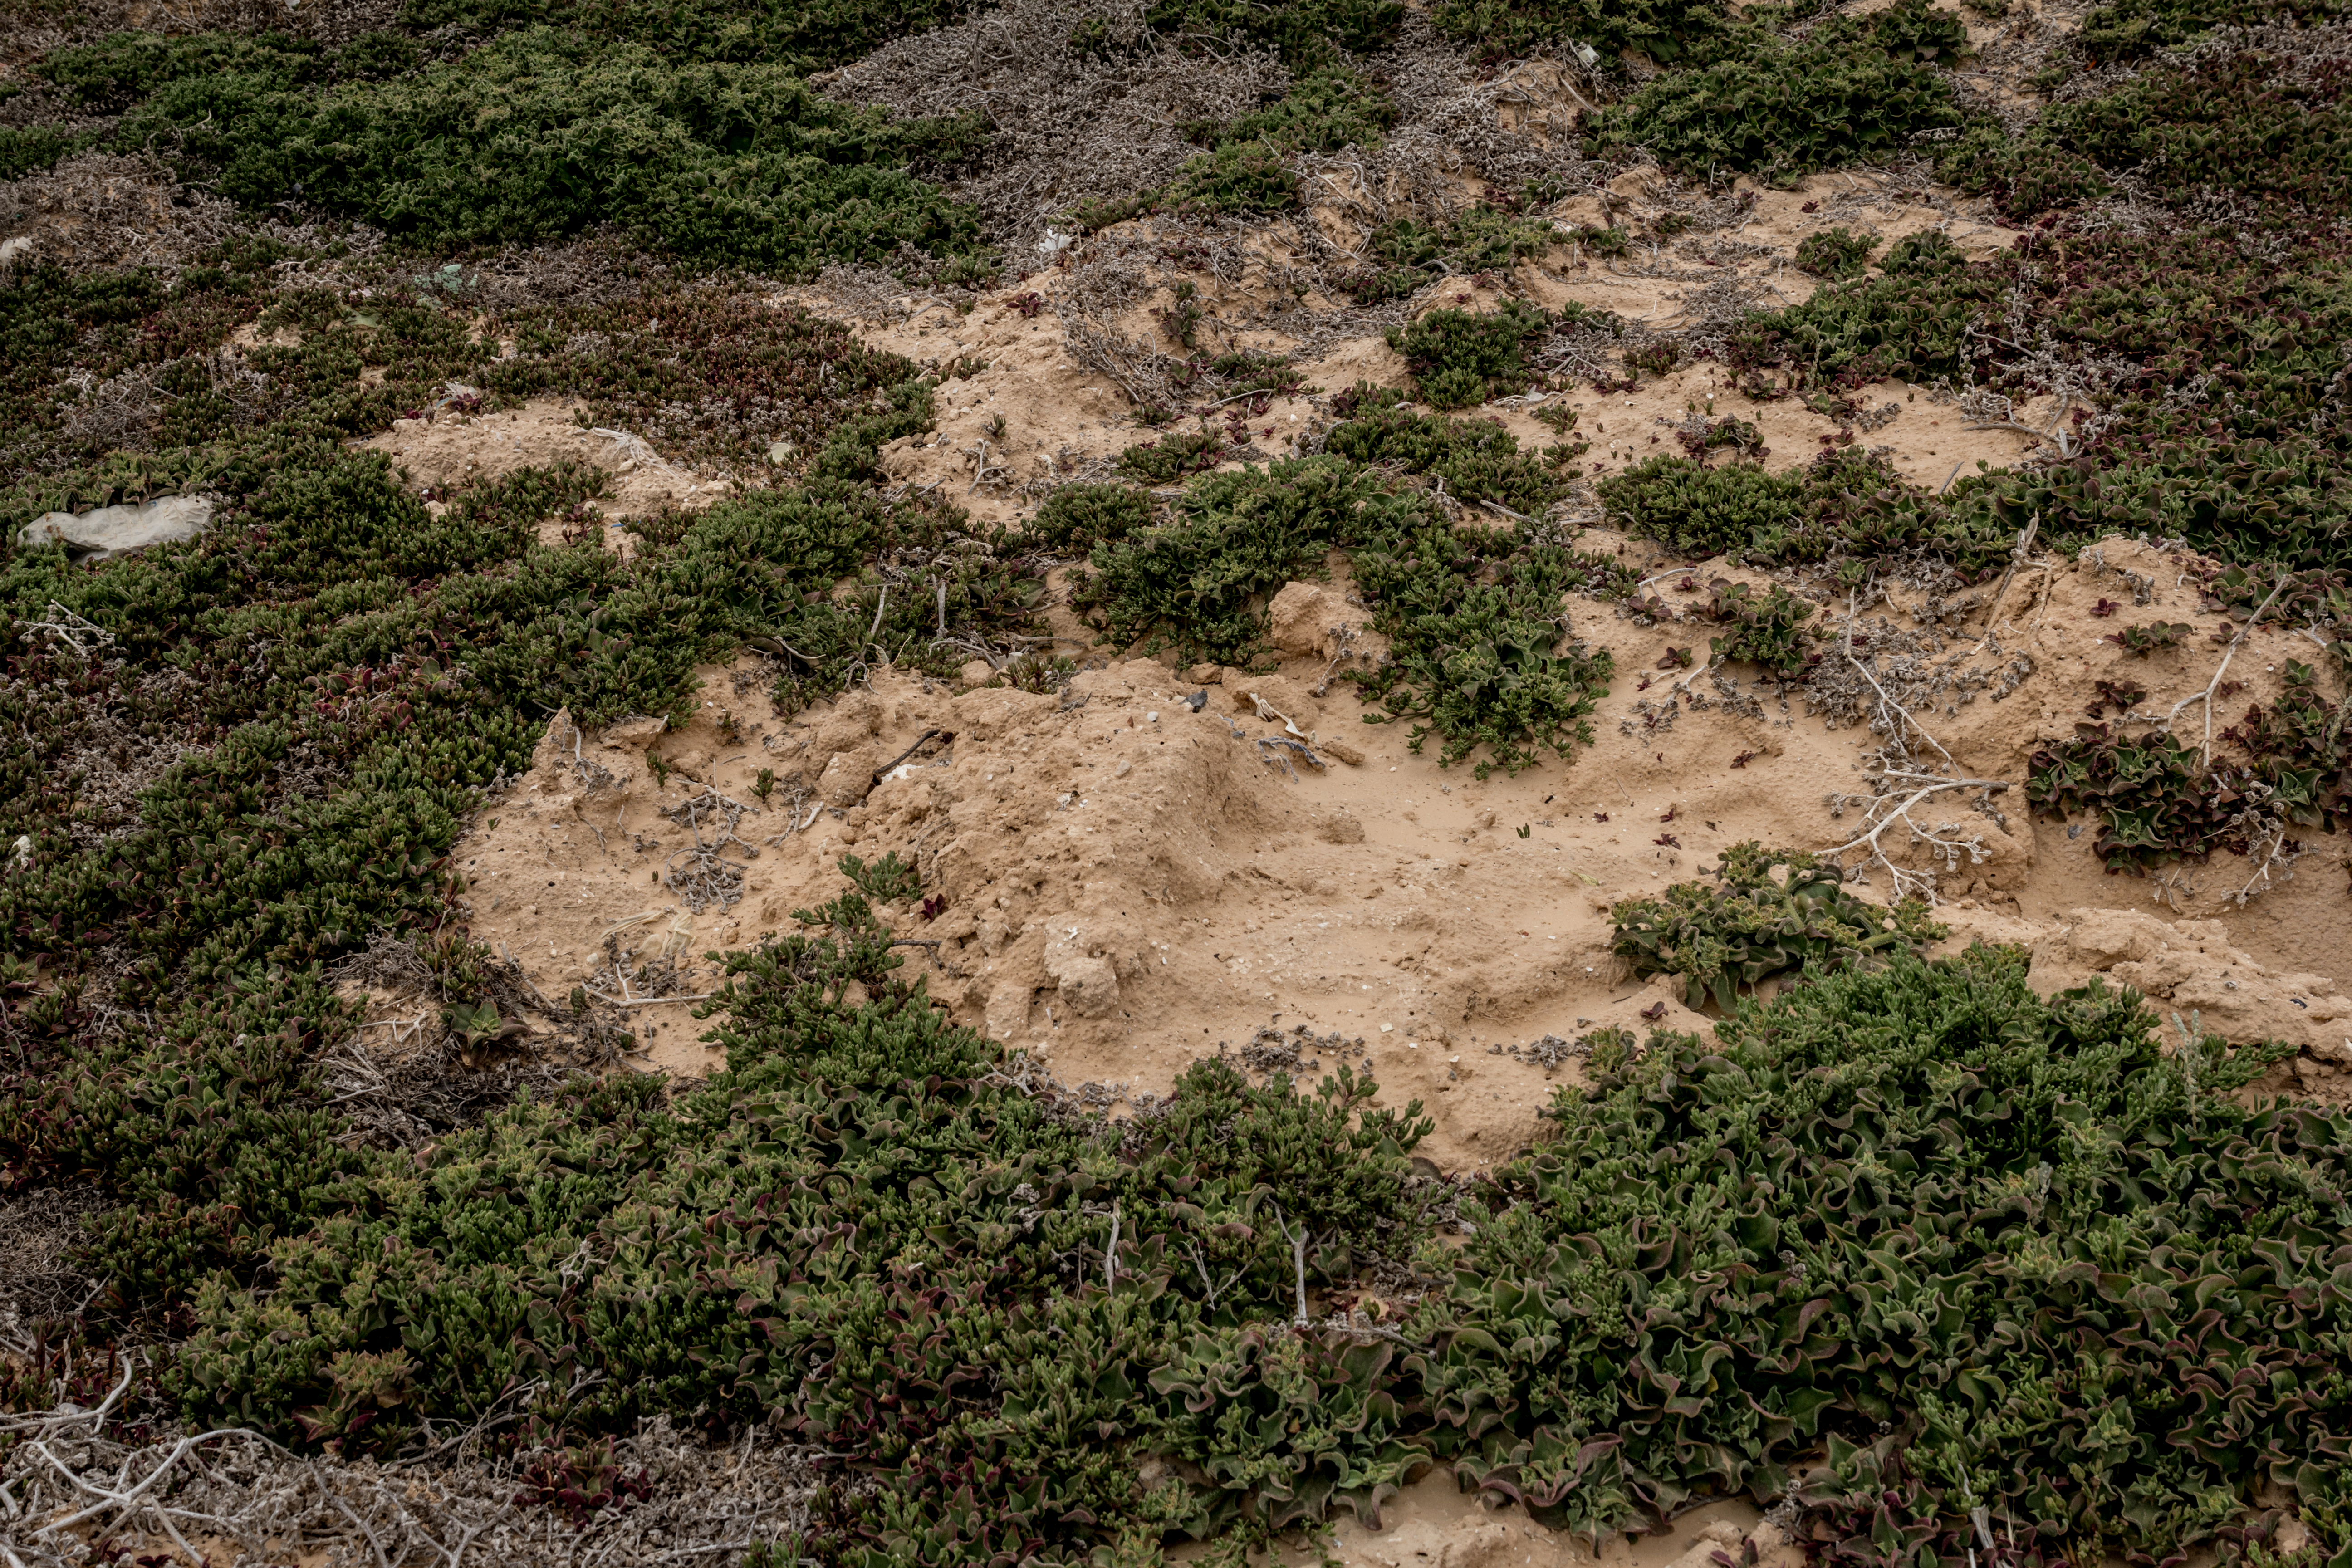 Cimitero dei migranti anonimi di Zarzis, costruito sopra una vecchia discarica; i mucchietti smossi di fresco segnano il punto delle sepolture fra le piante grasse (foto: Giulia Bertoluzzi)